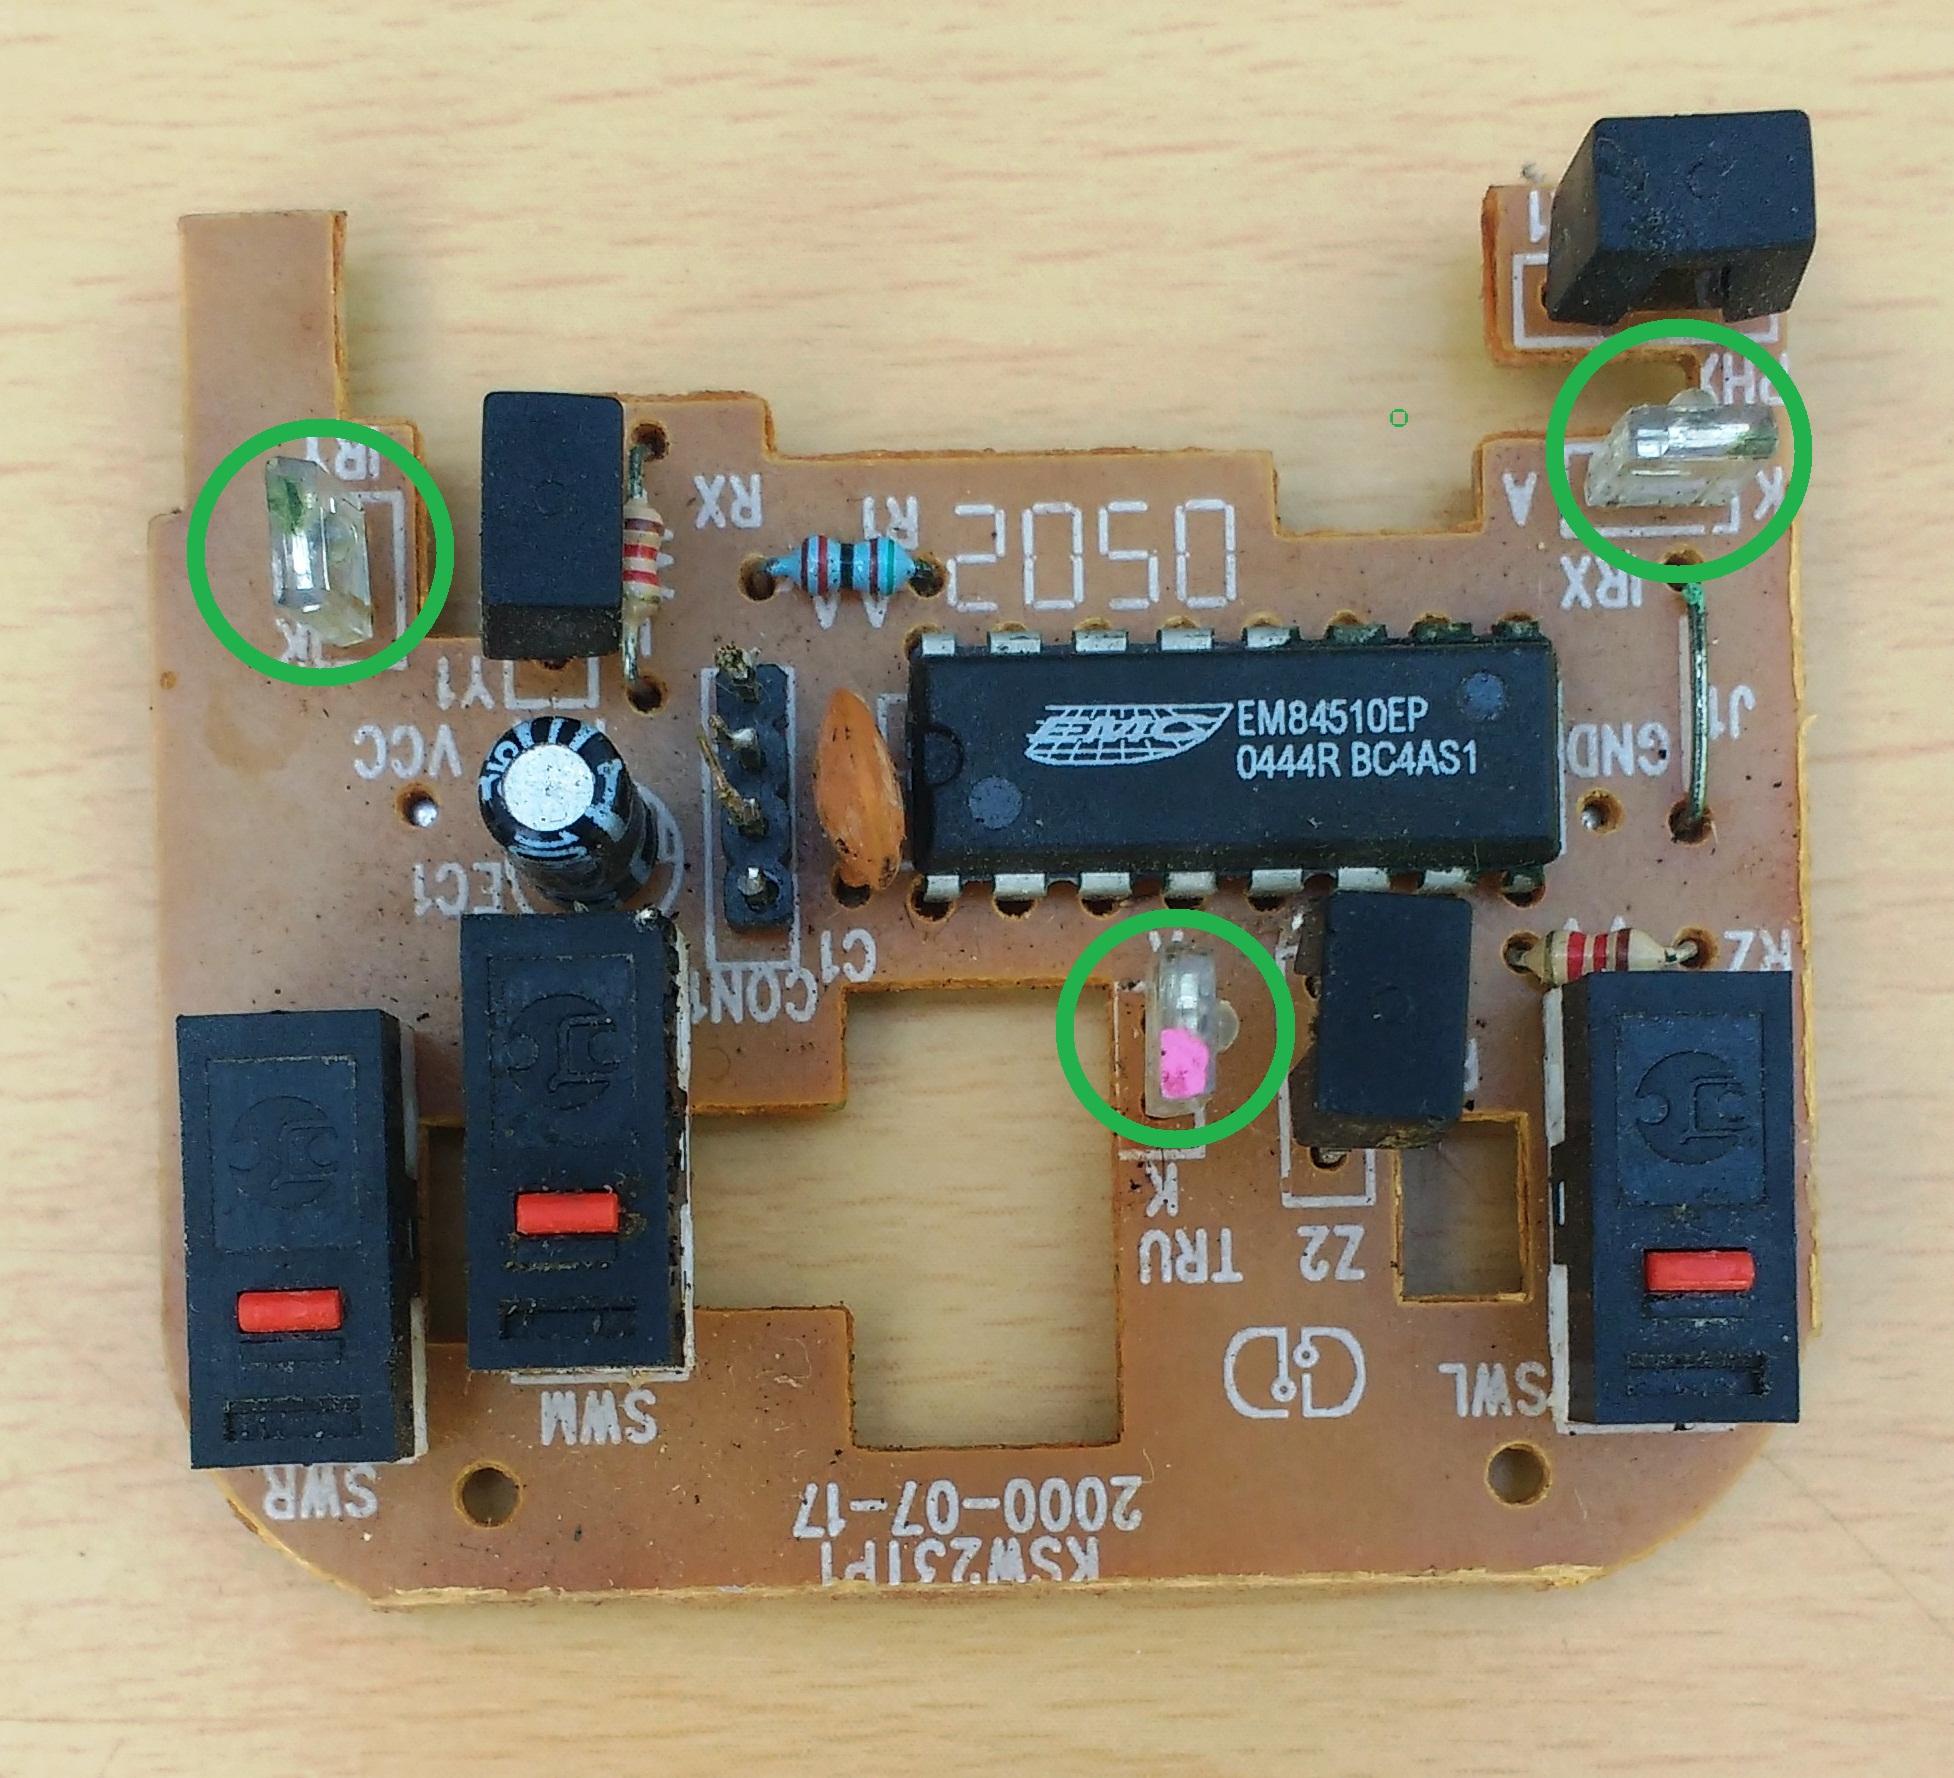 Señalización de los Figura 1. LED infrarrojos en las placas de los ratones de computadora